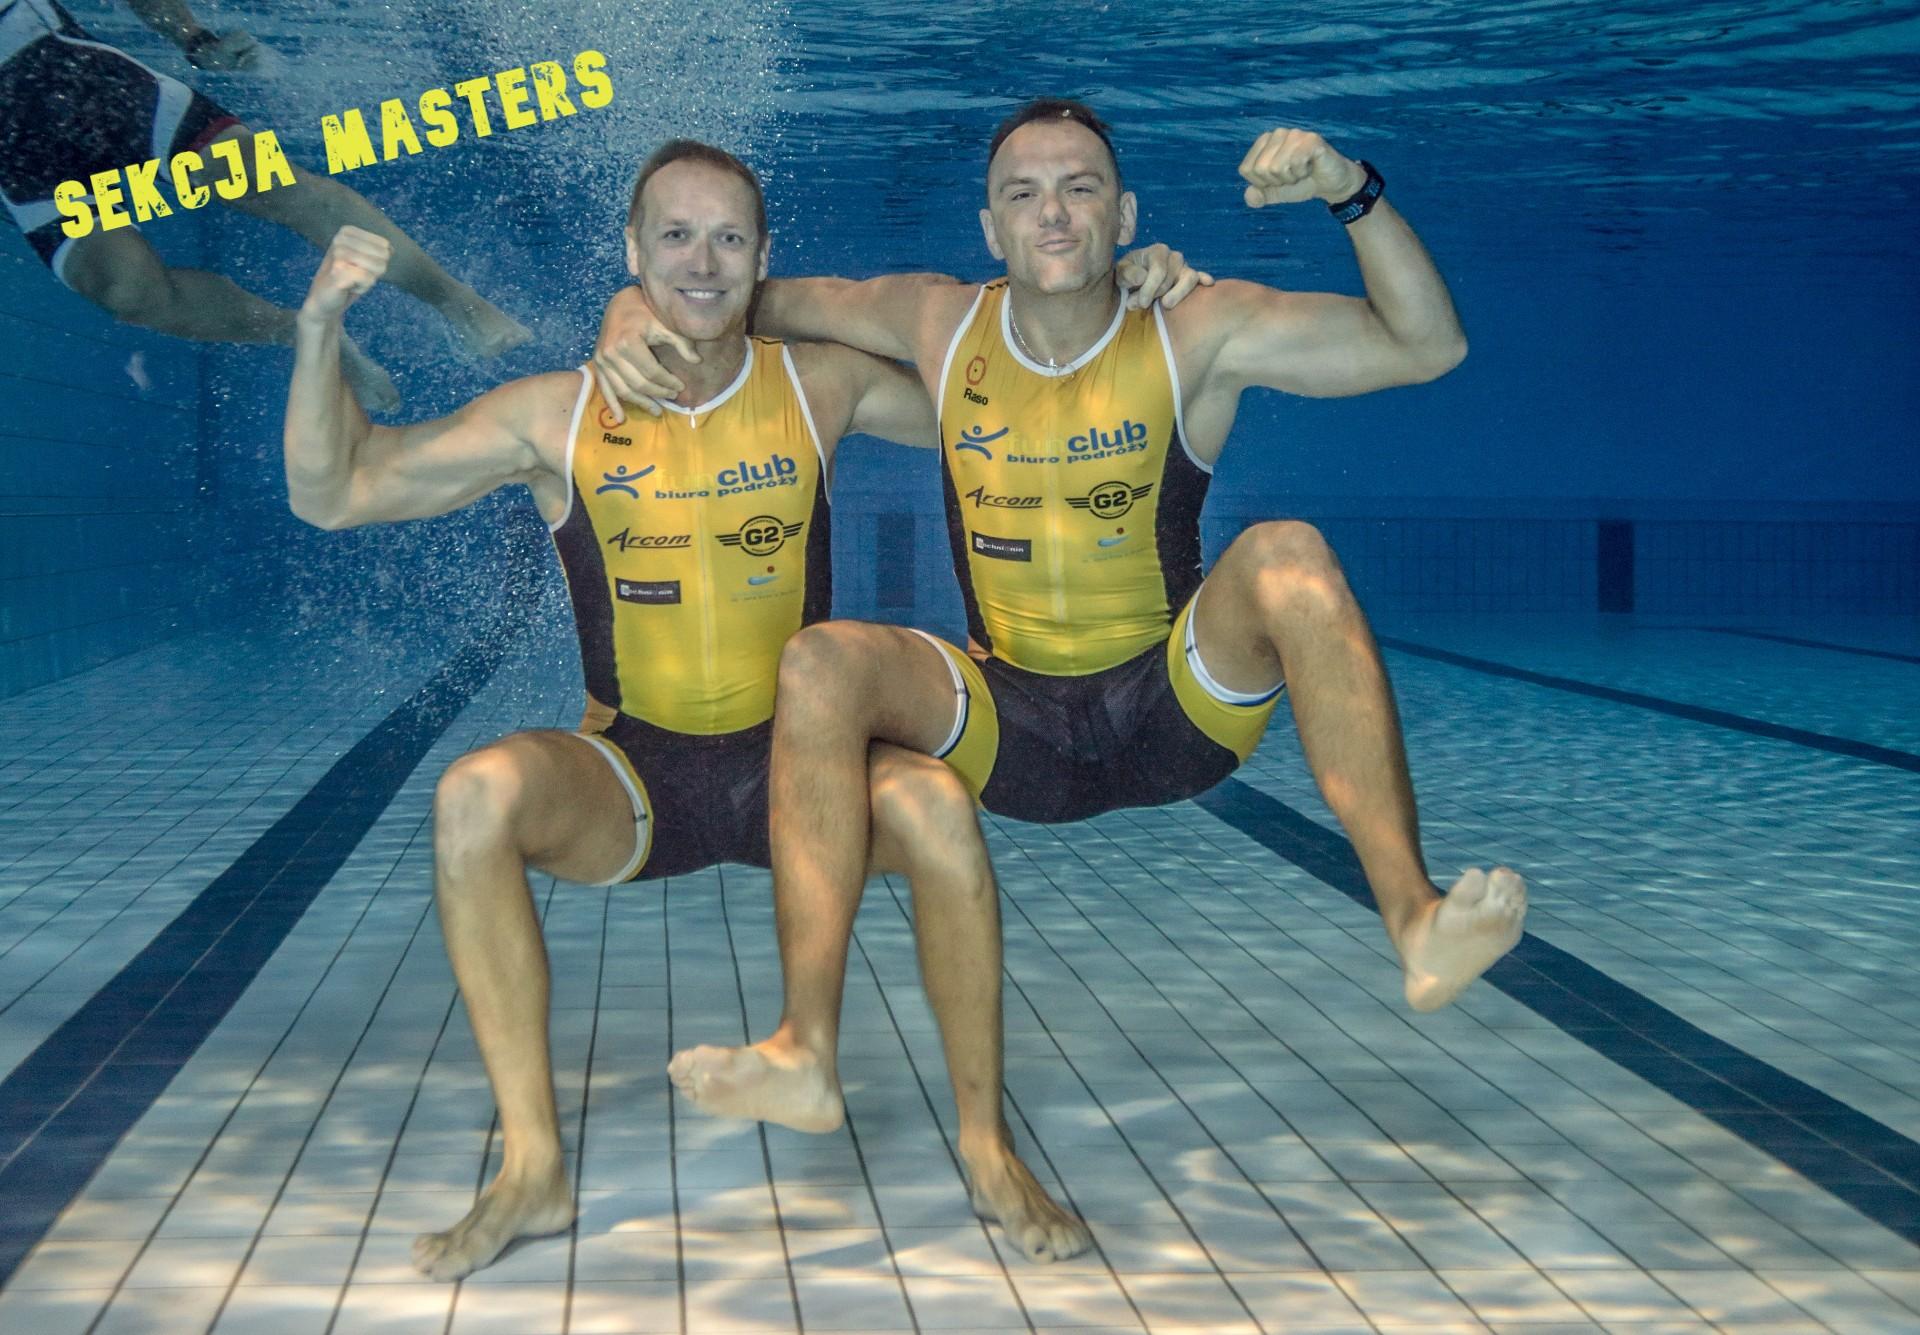 Na pływalni w Bochni rusza sekcja MASTERS